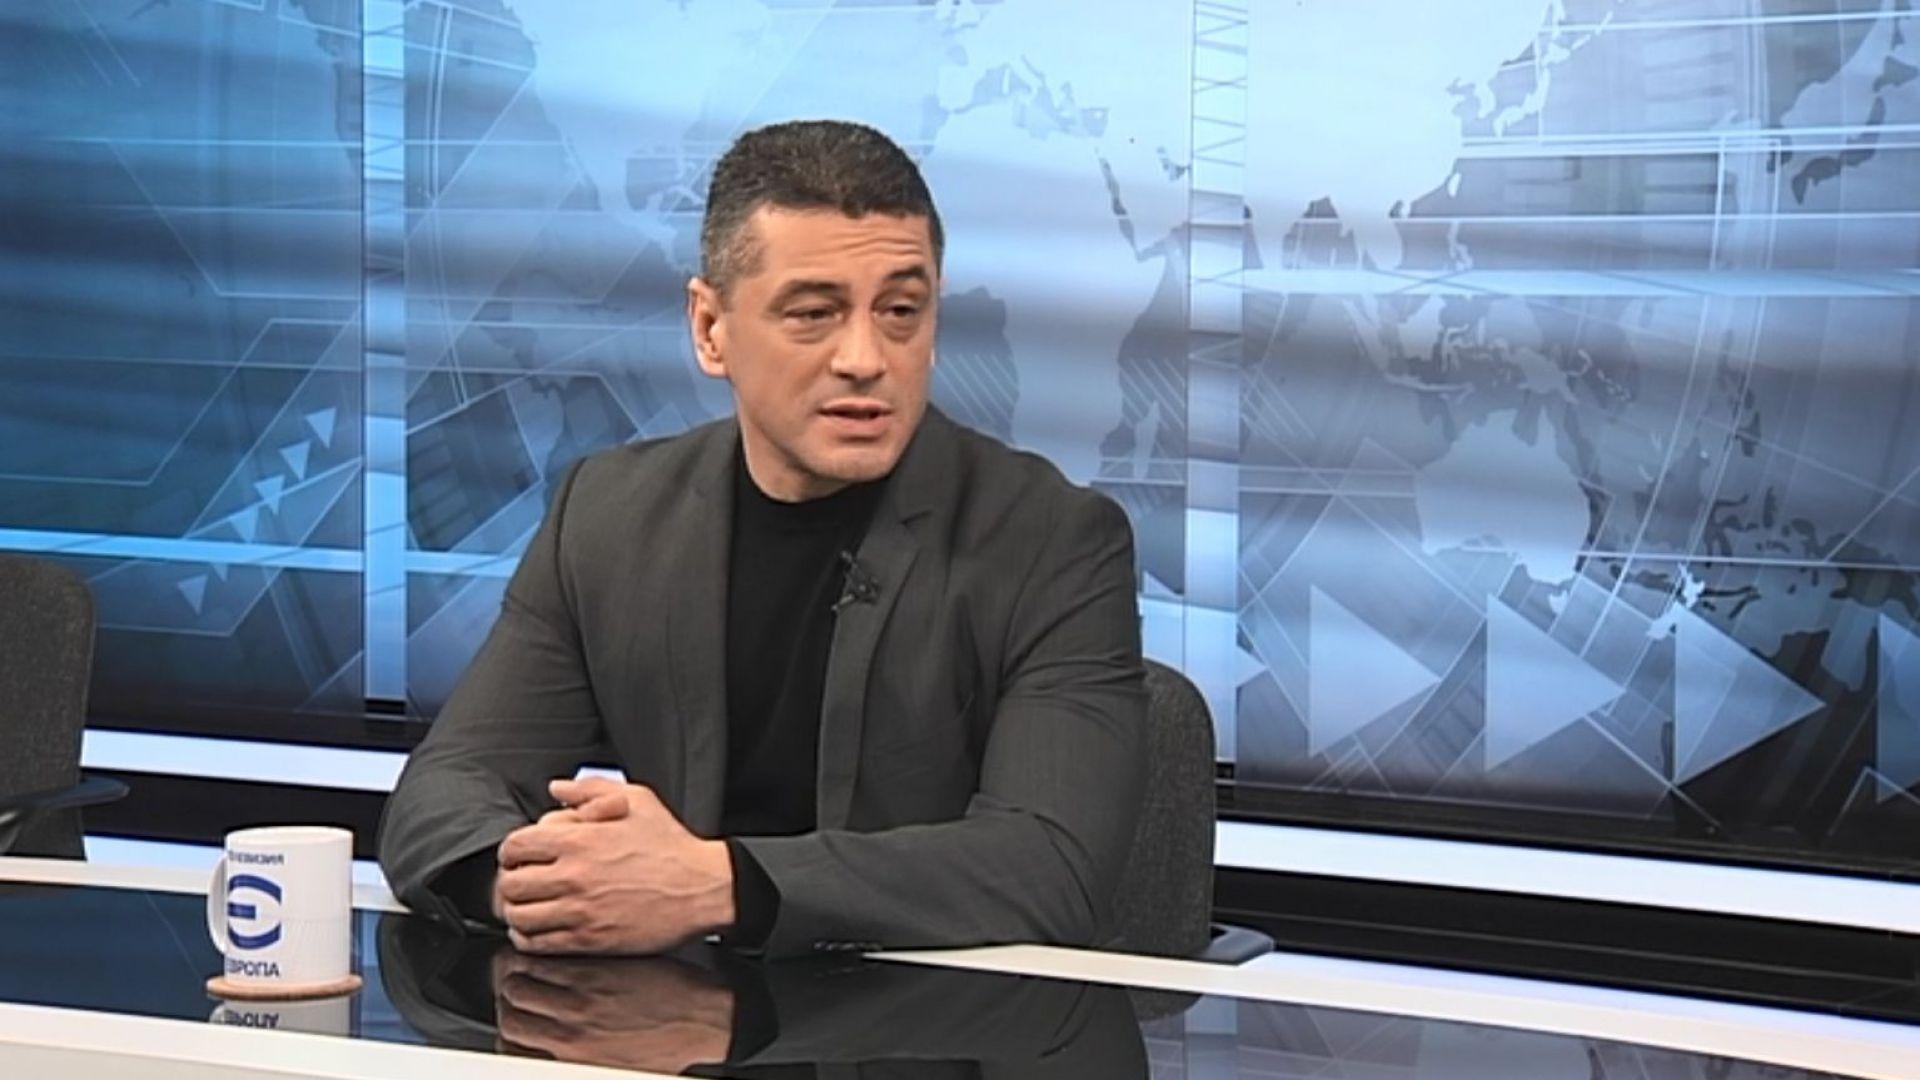 Янков: Ако Нинова остане председател, скандалите ще продължат - тя е удобна на Борисов